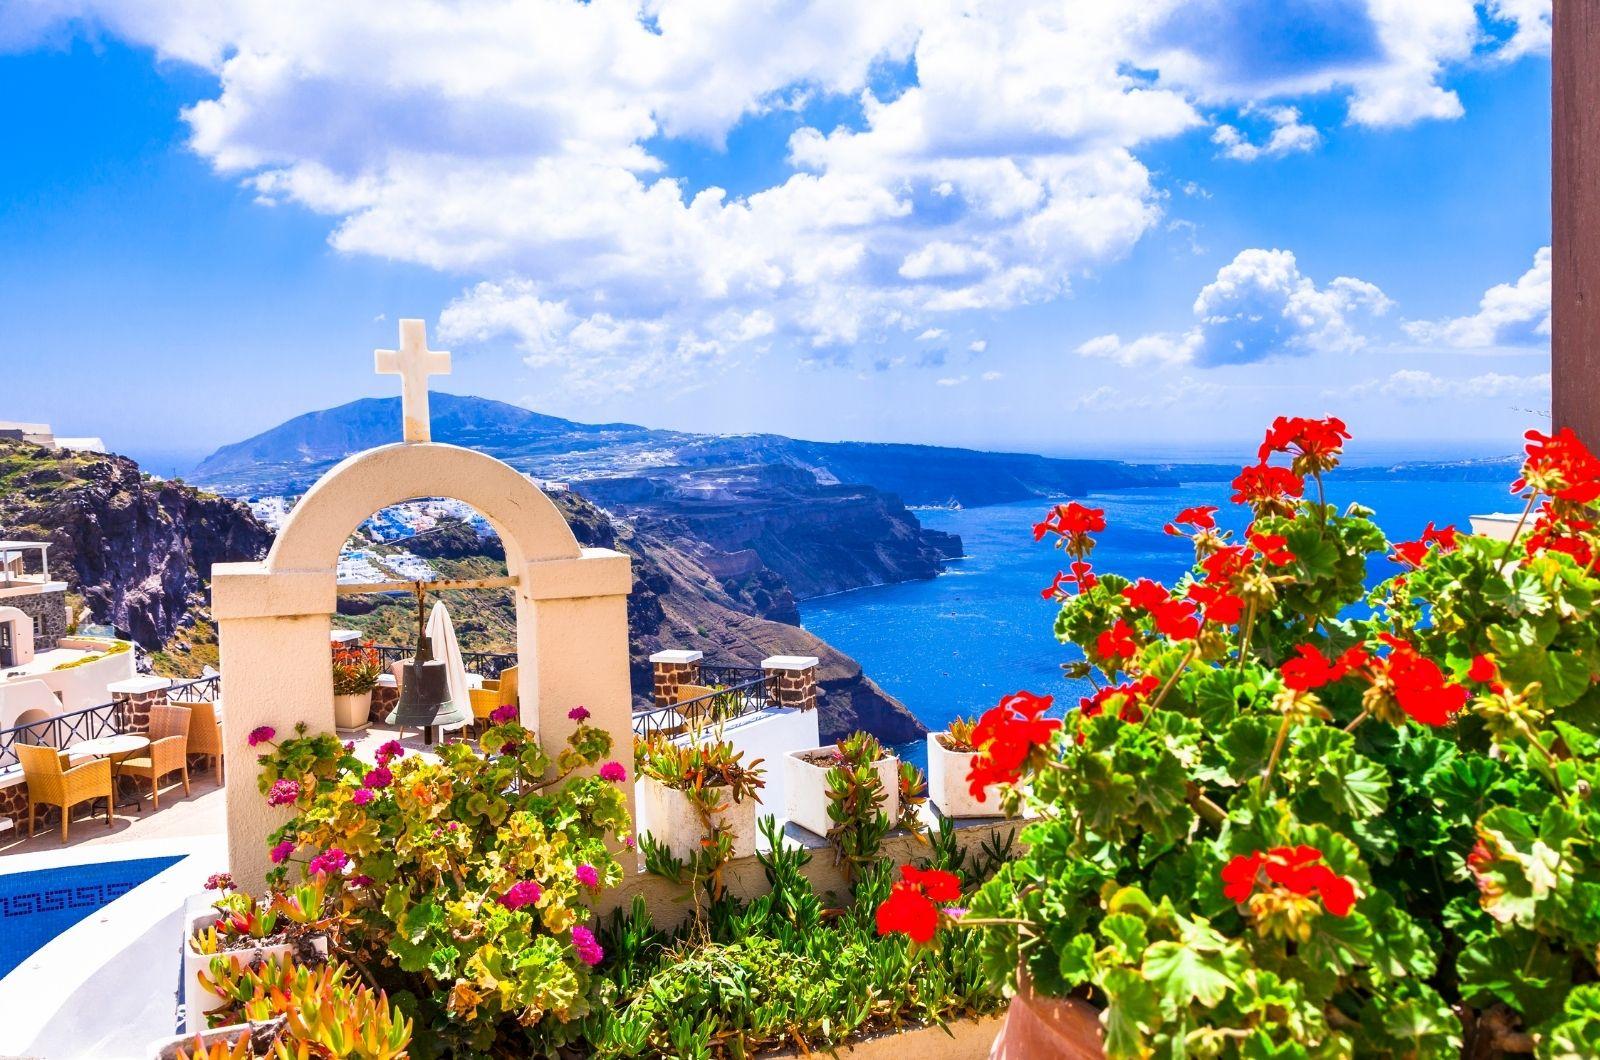 Řecká krajina a příroda